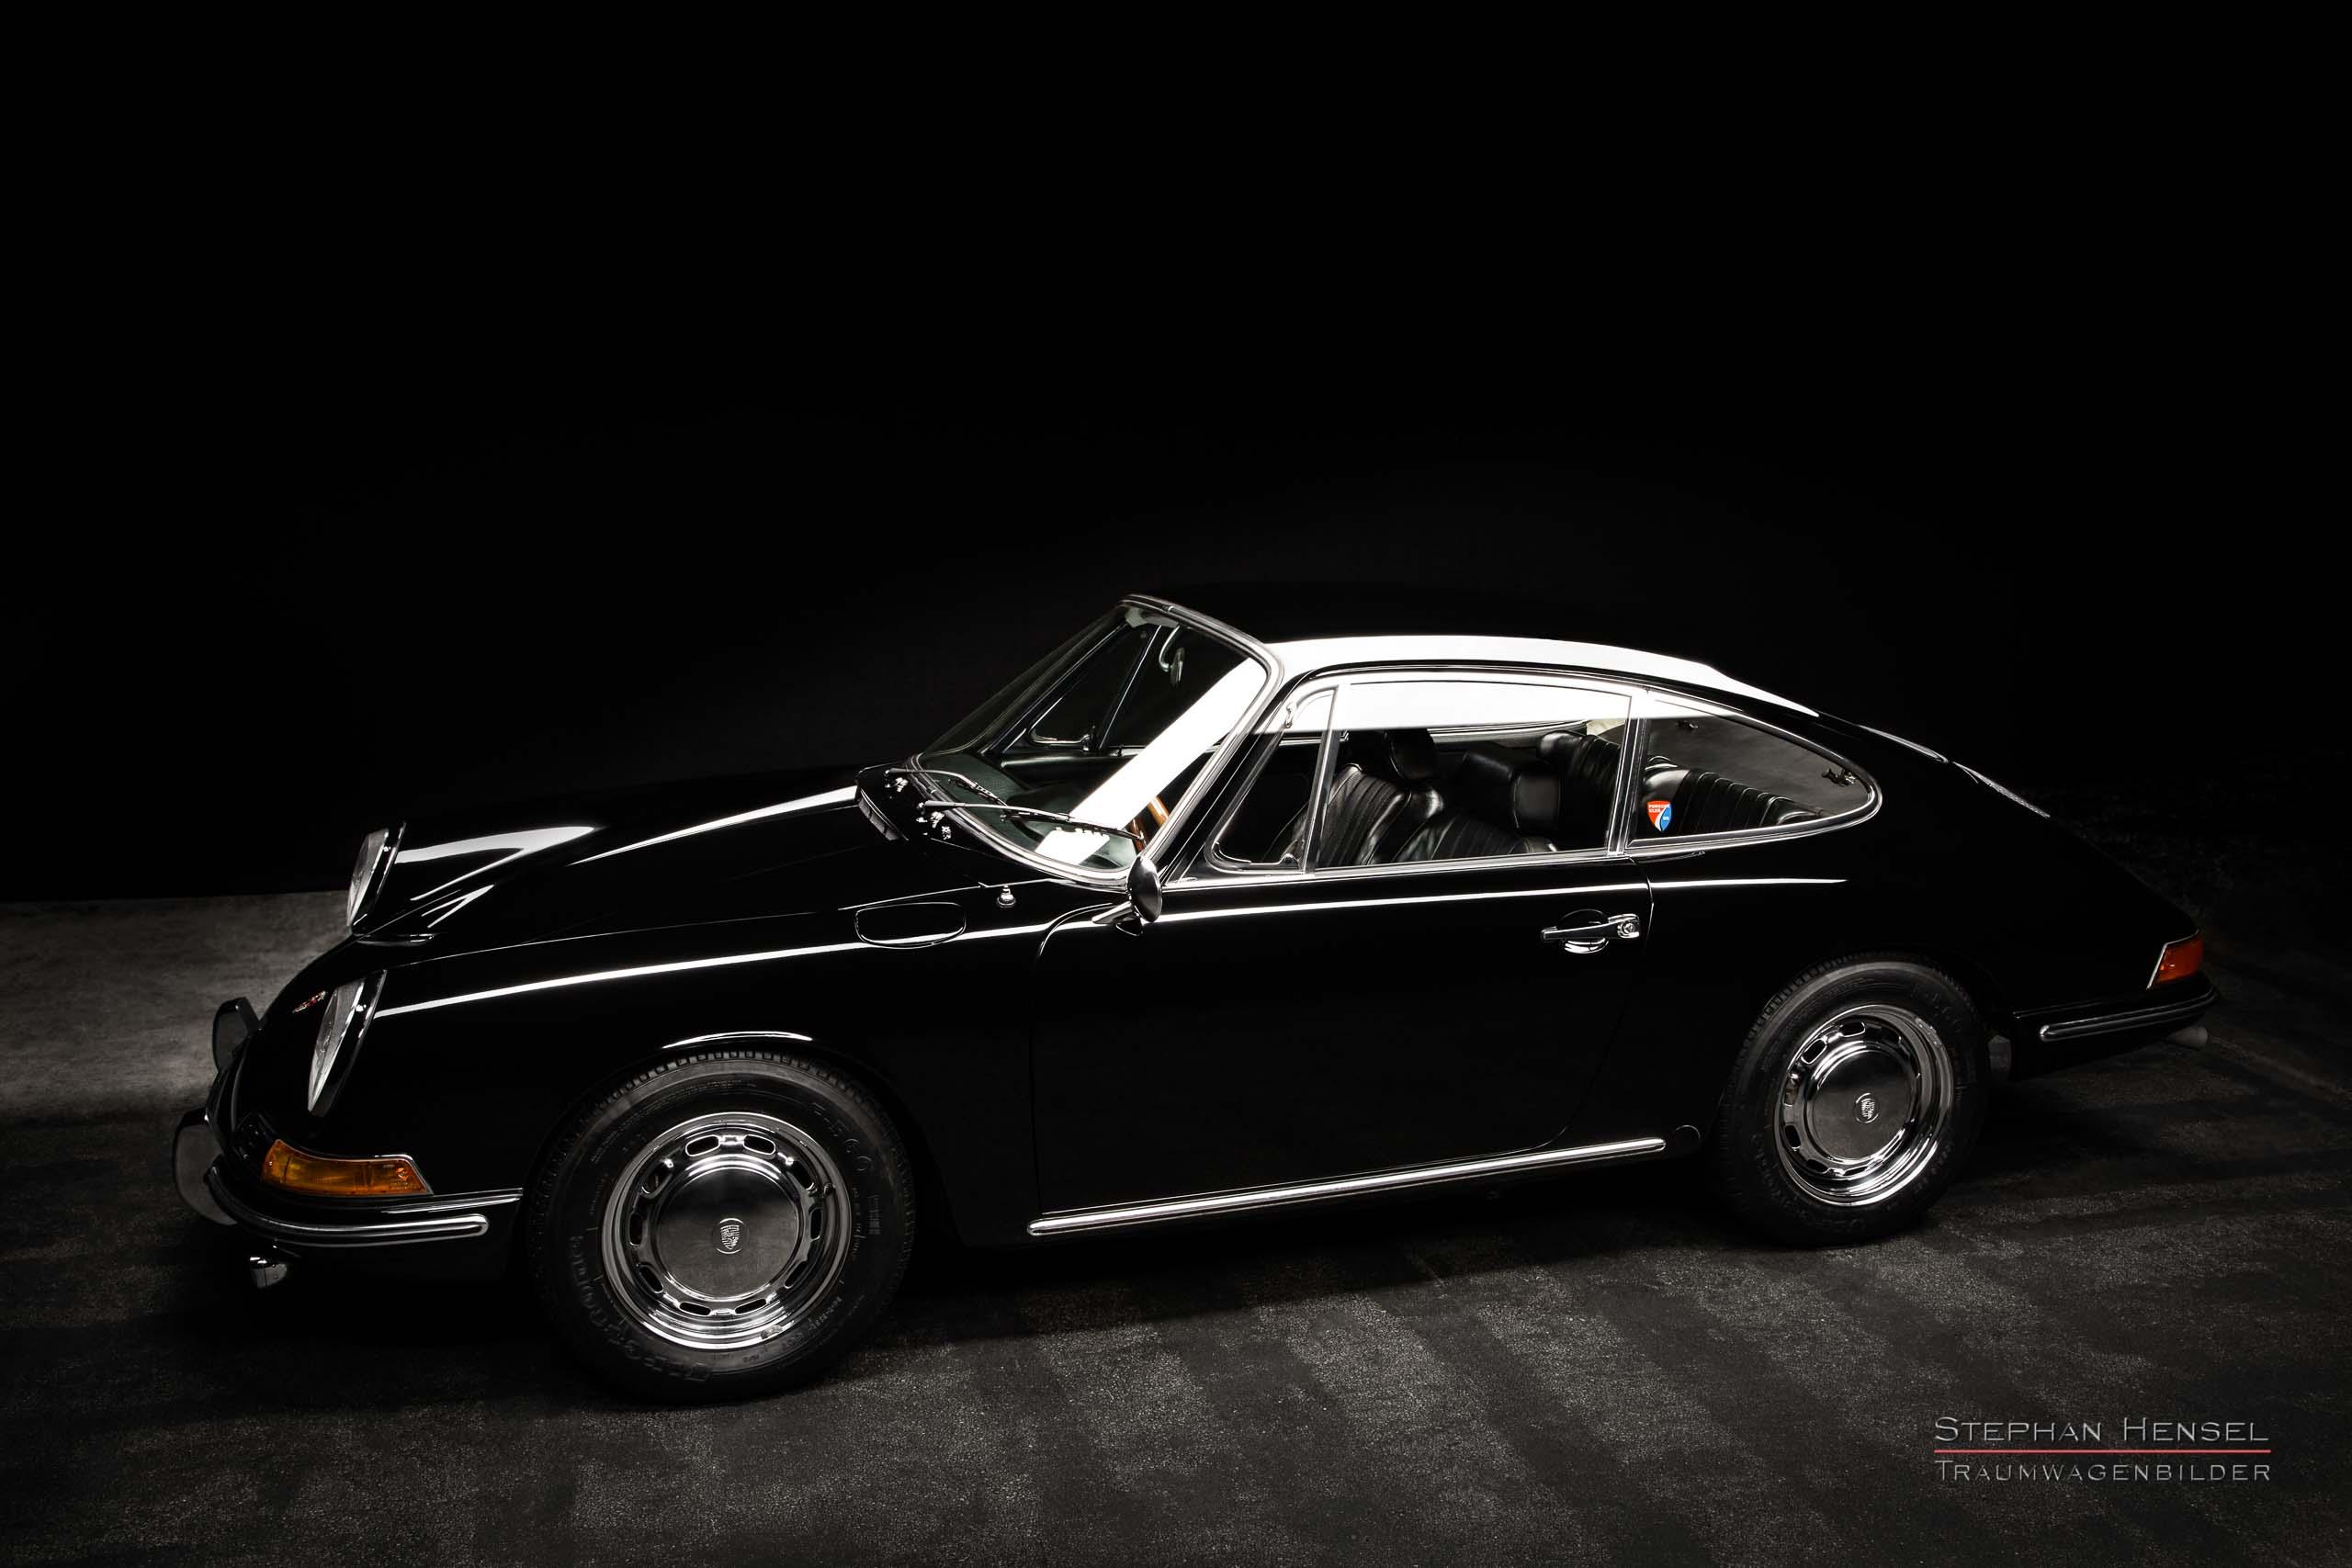 Porsche 912, Ansicht von links vorn, Autofotograf: Stephan Hensel, Oldtimerfotograf, Hamburg